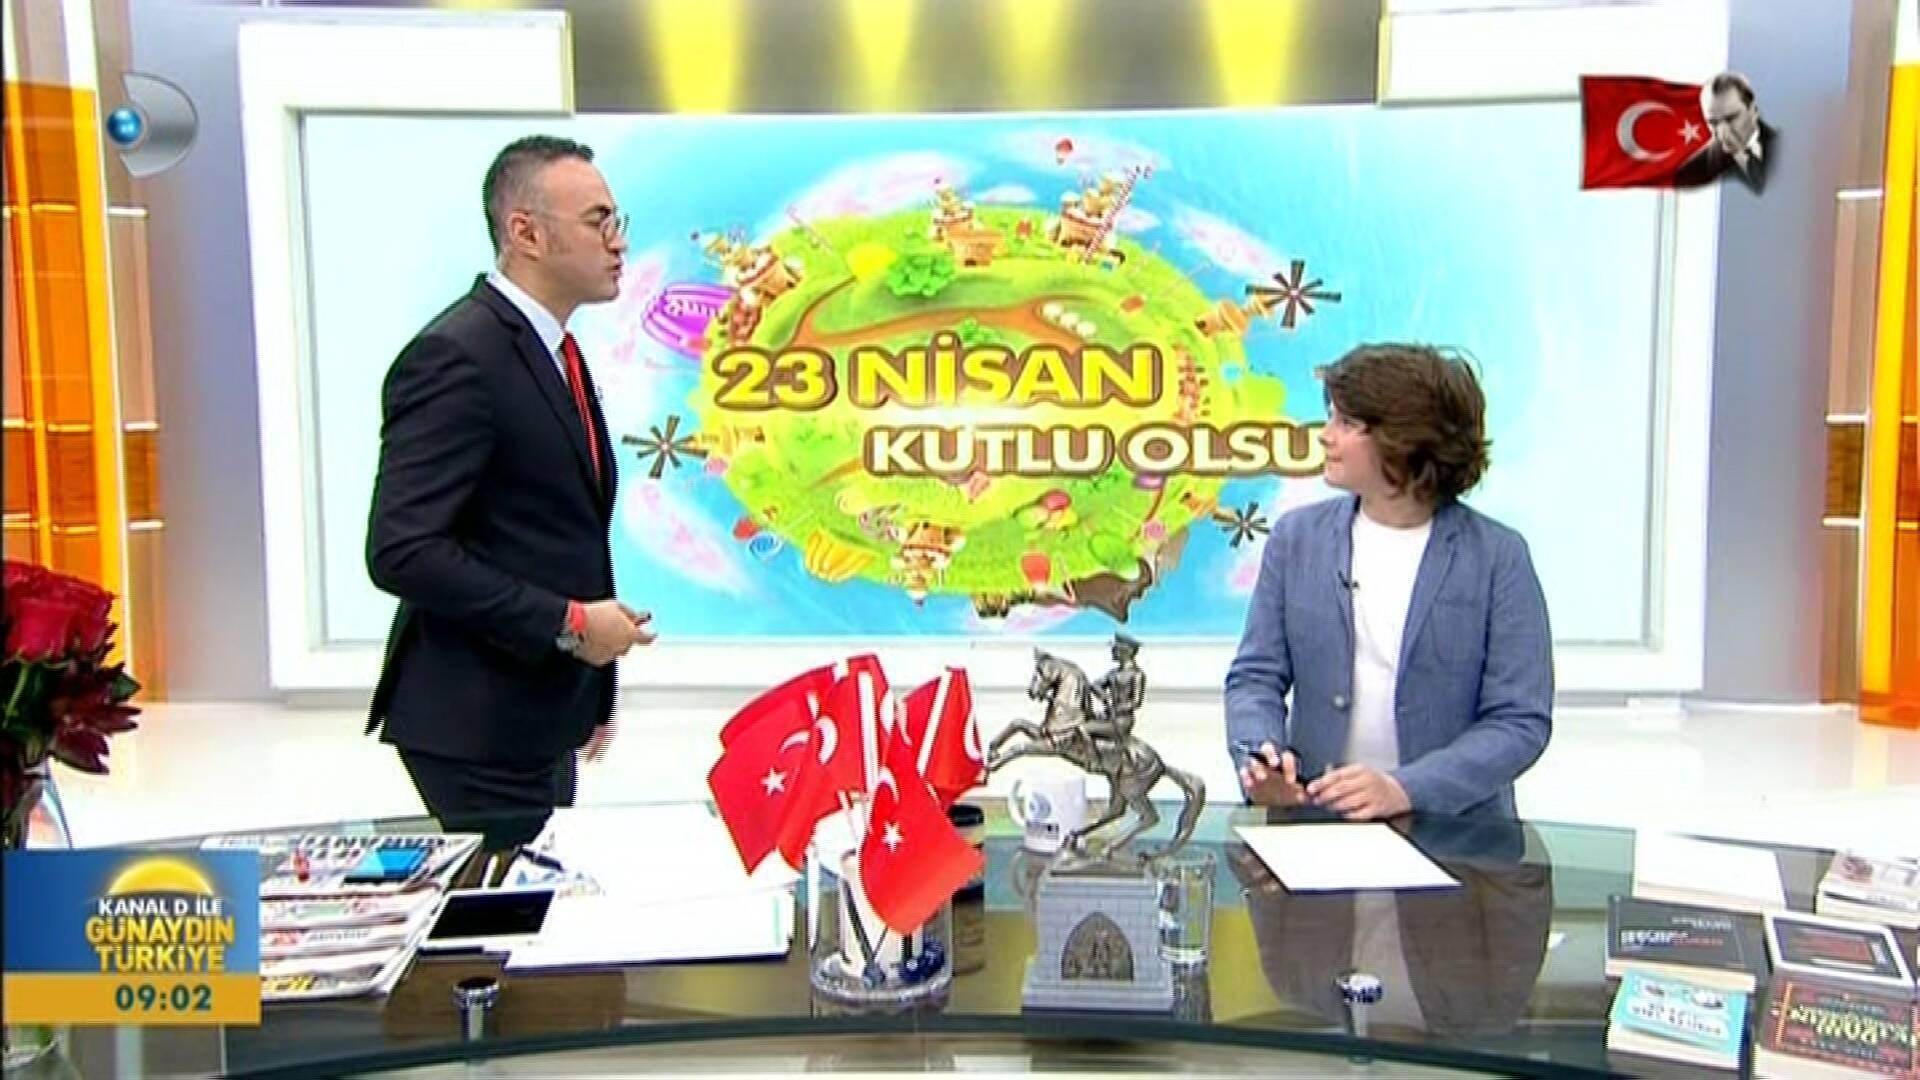 Kanal D ile Günaydın Türkiye'nin yeni sunucusu!